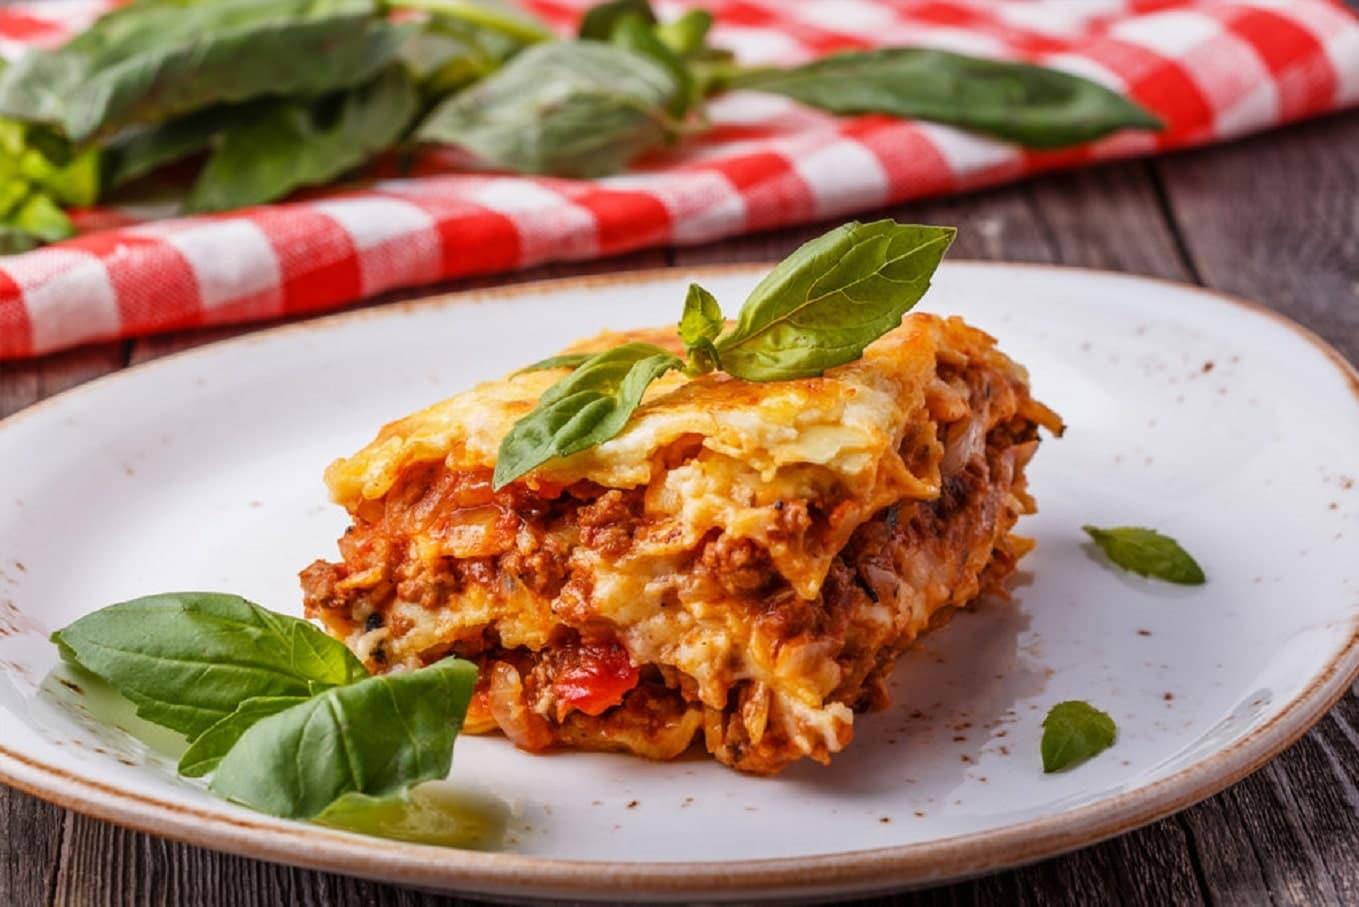 comidas típicas da Itália